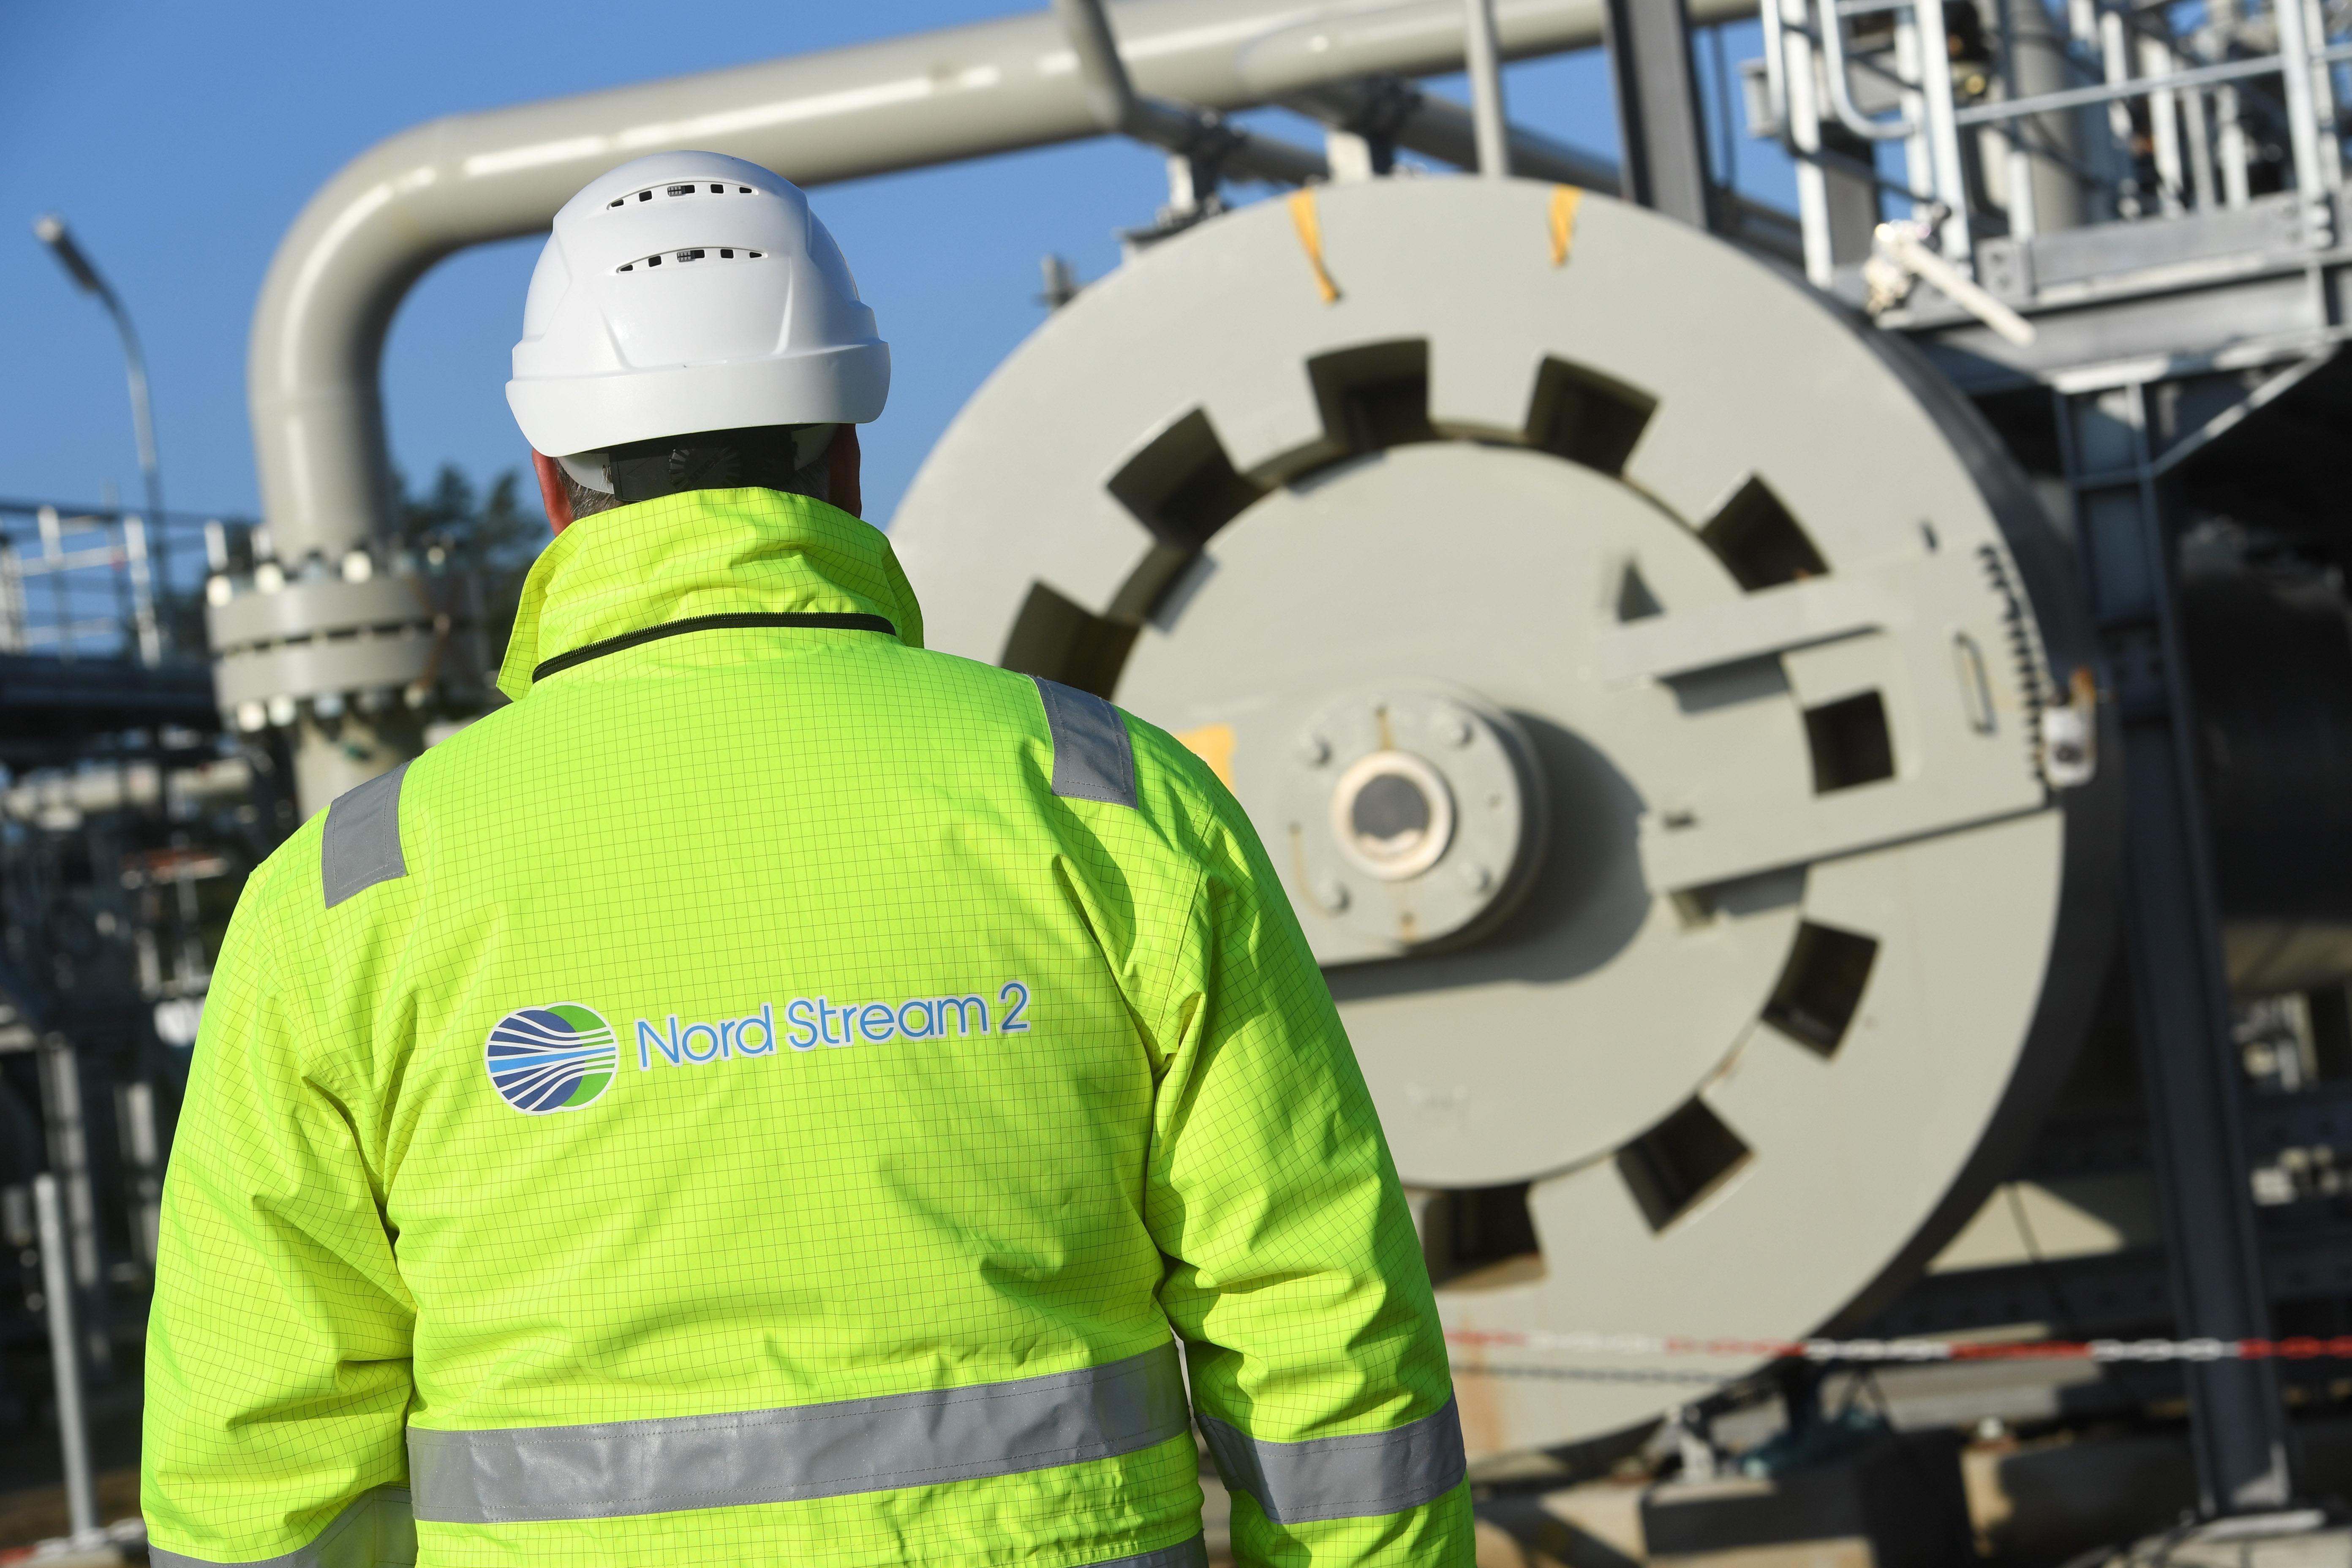 СМИ сообщили о намерении Германии отклонить заявку Nord Stream по 'Северному потоку – 2'